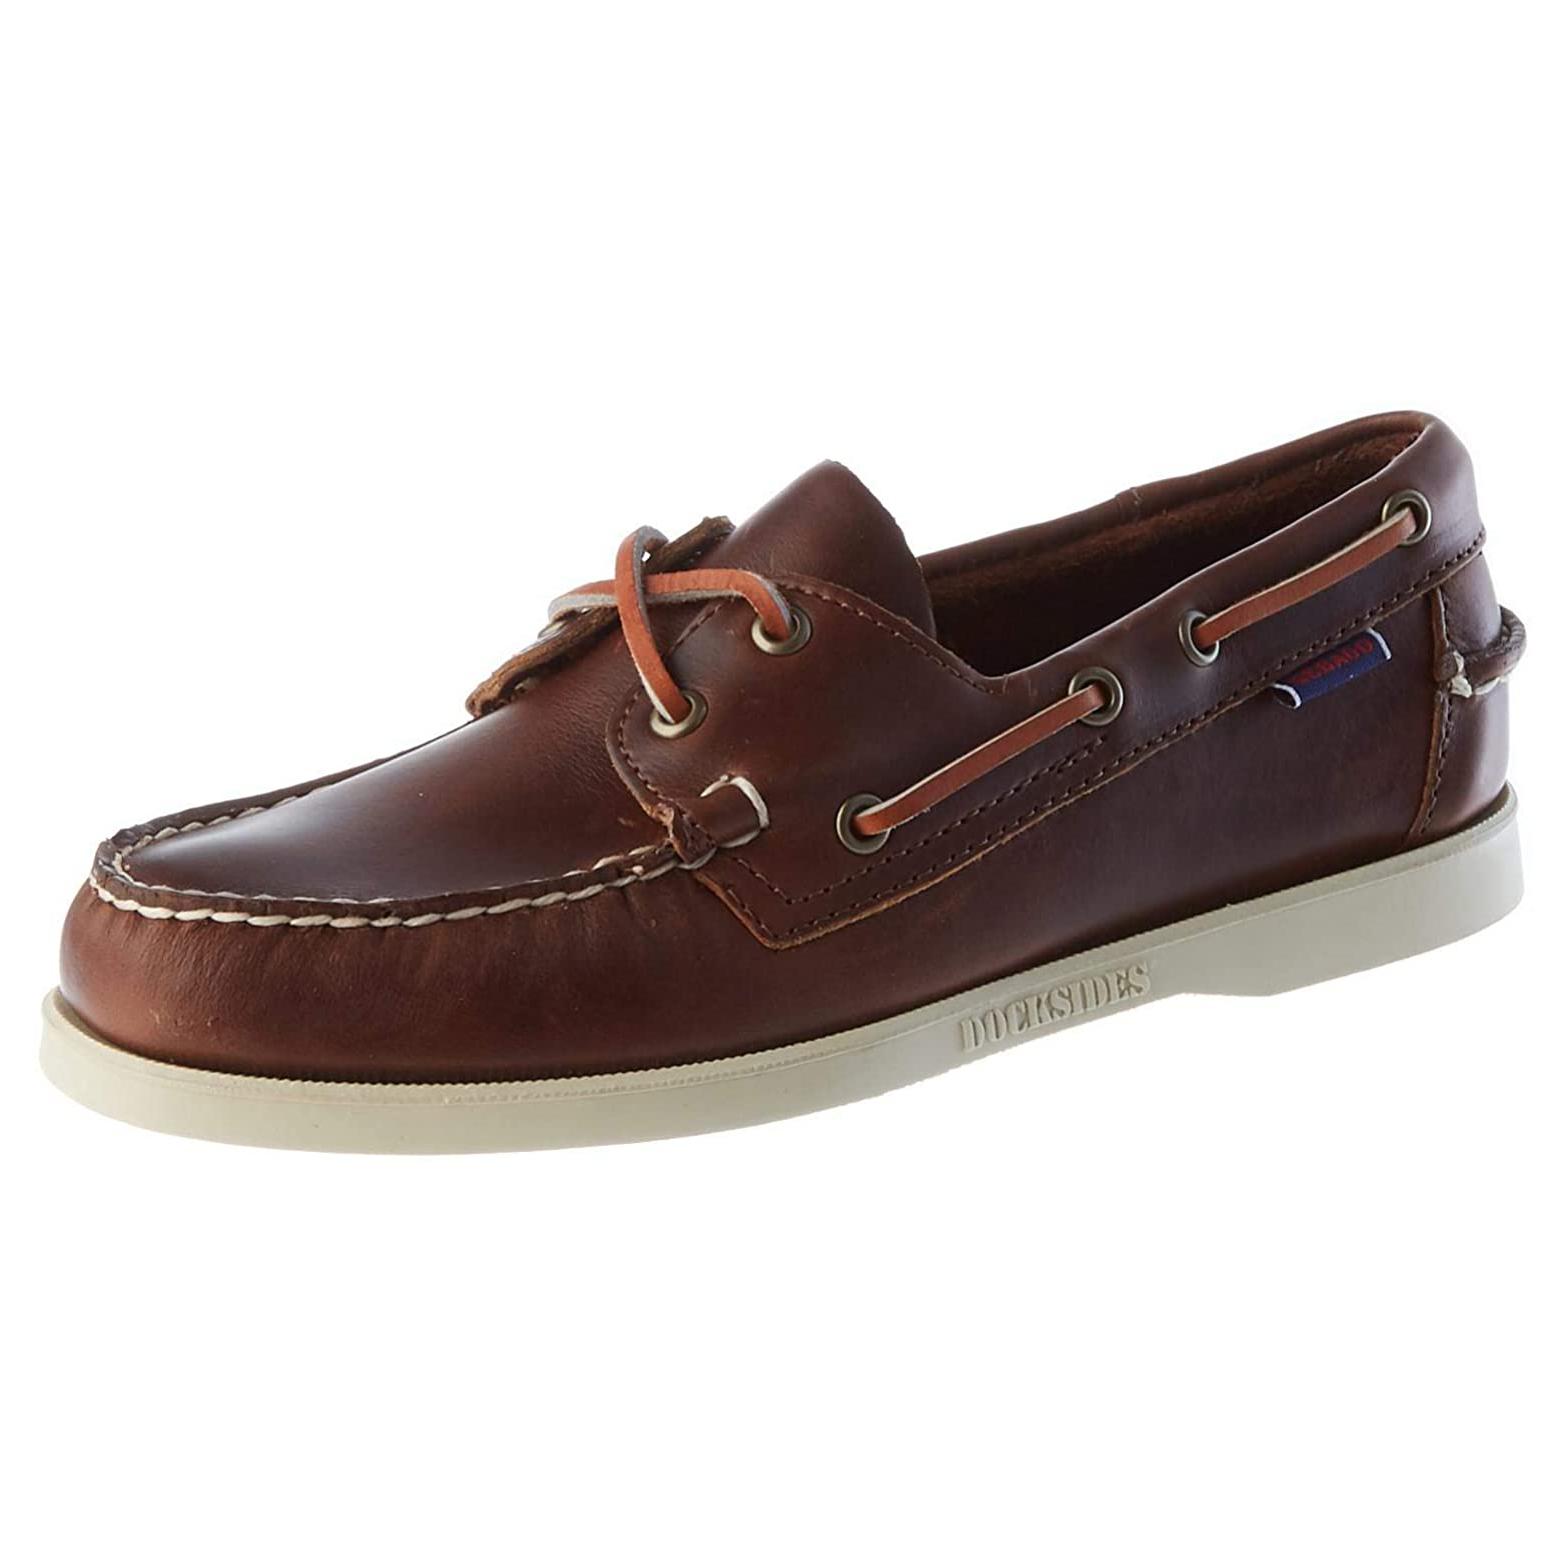 Sebago Men's Docksides Boat Shoes